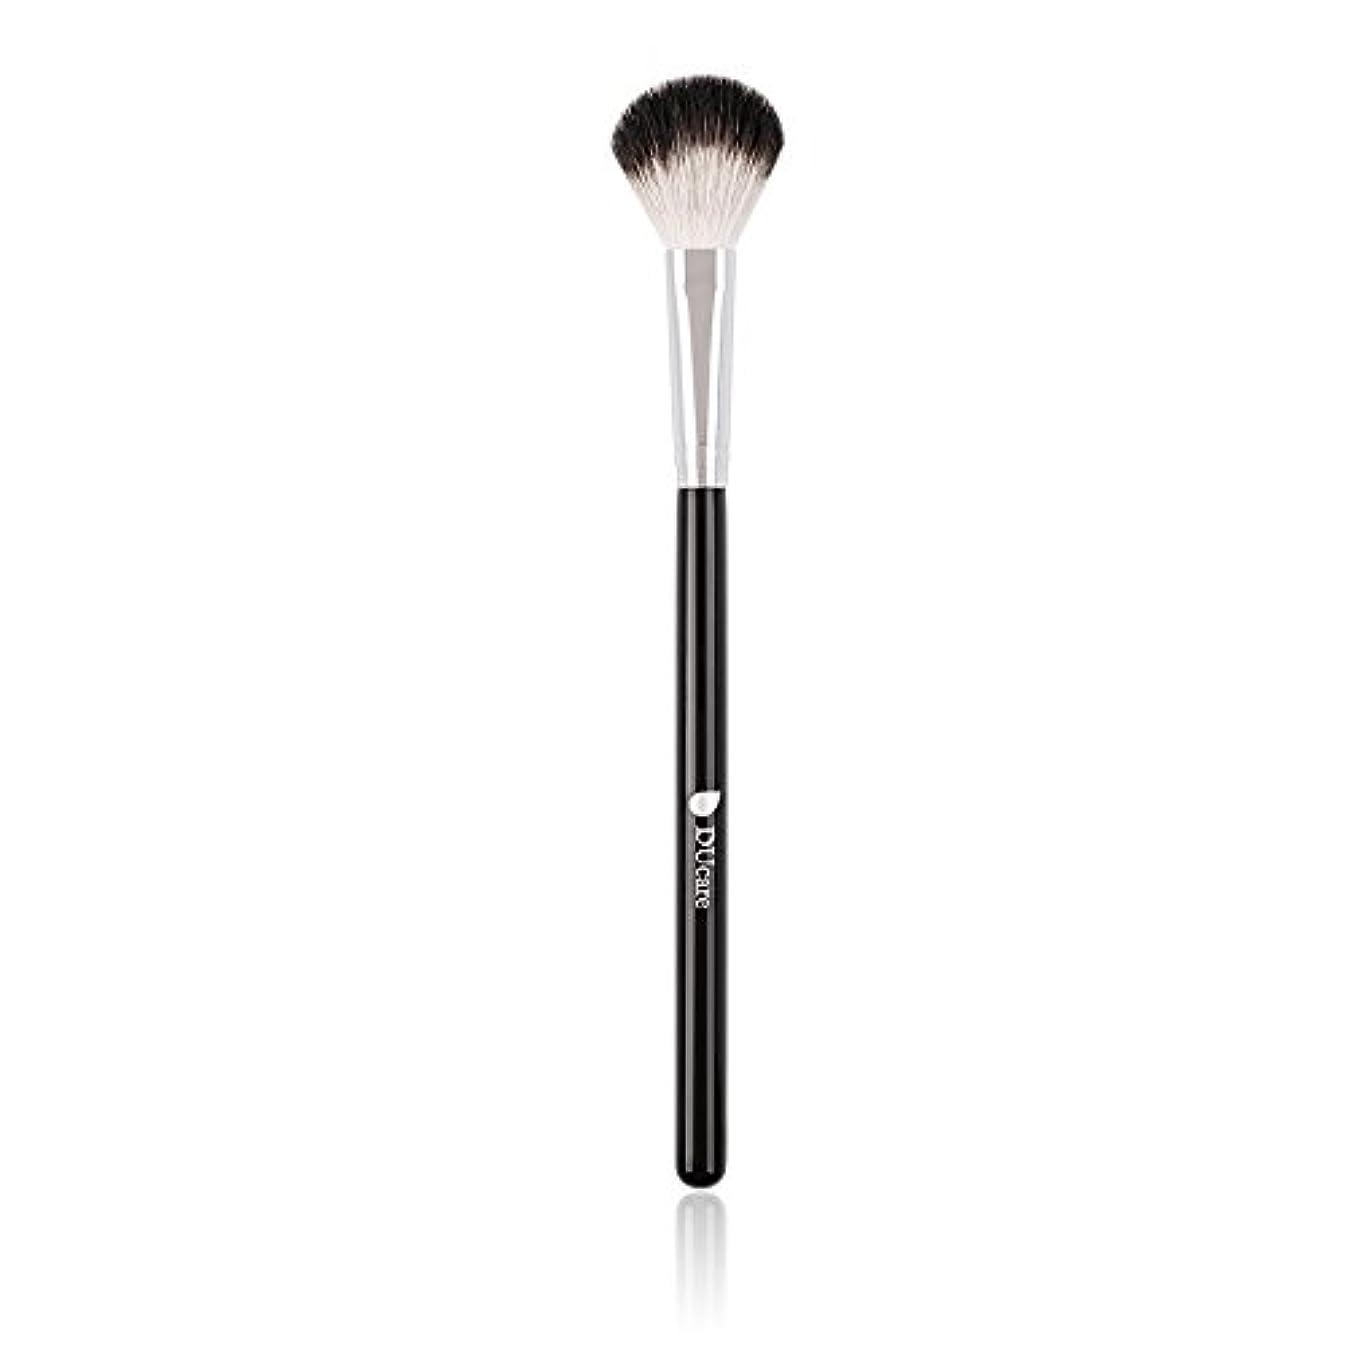 理解七時半松の木DUcare ドゥケア 化粧筆 ハイライトブラシ 白尖峰を100%使用 ハイライト&チック&パウダー用